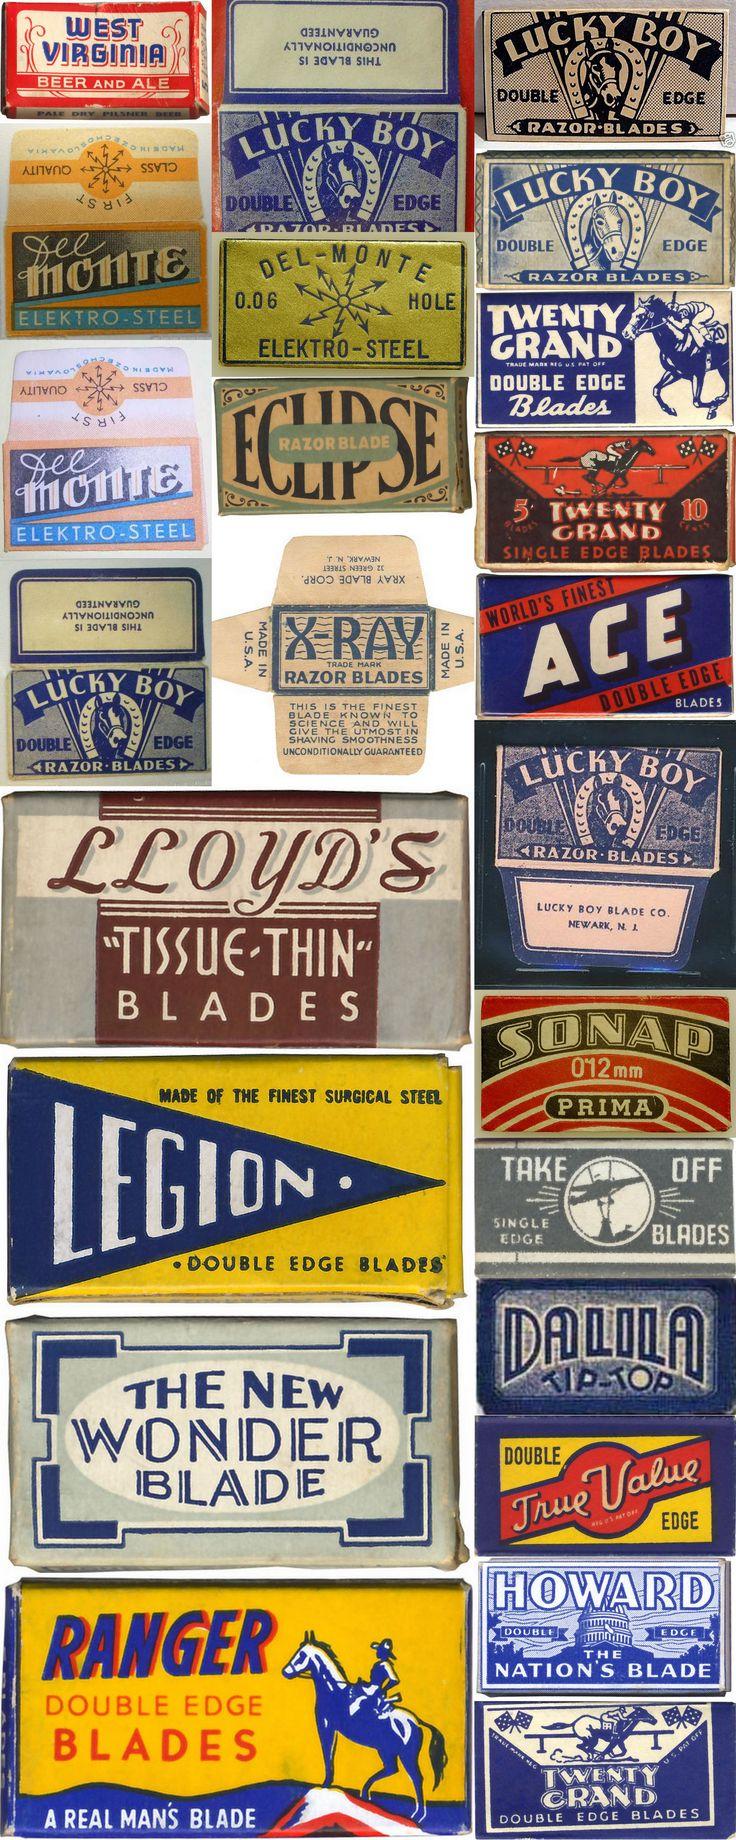 Various Razor Blade Packaging